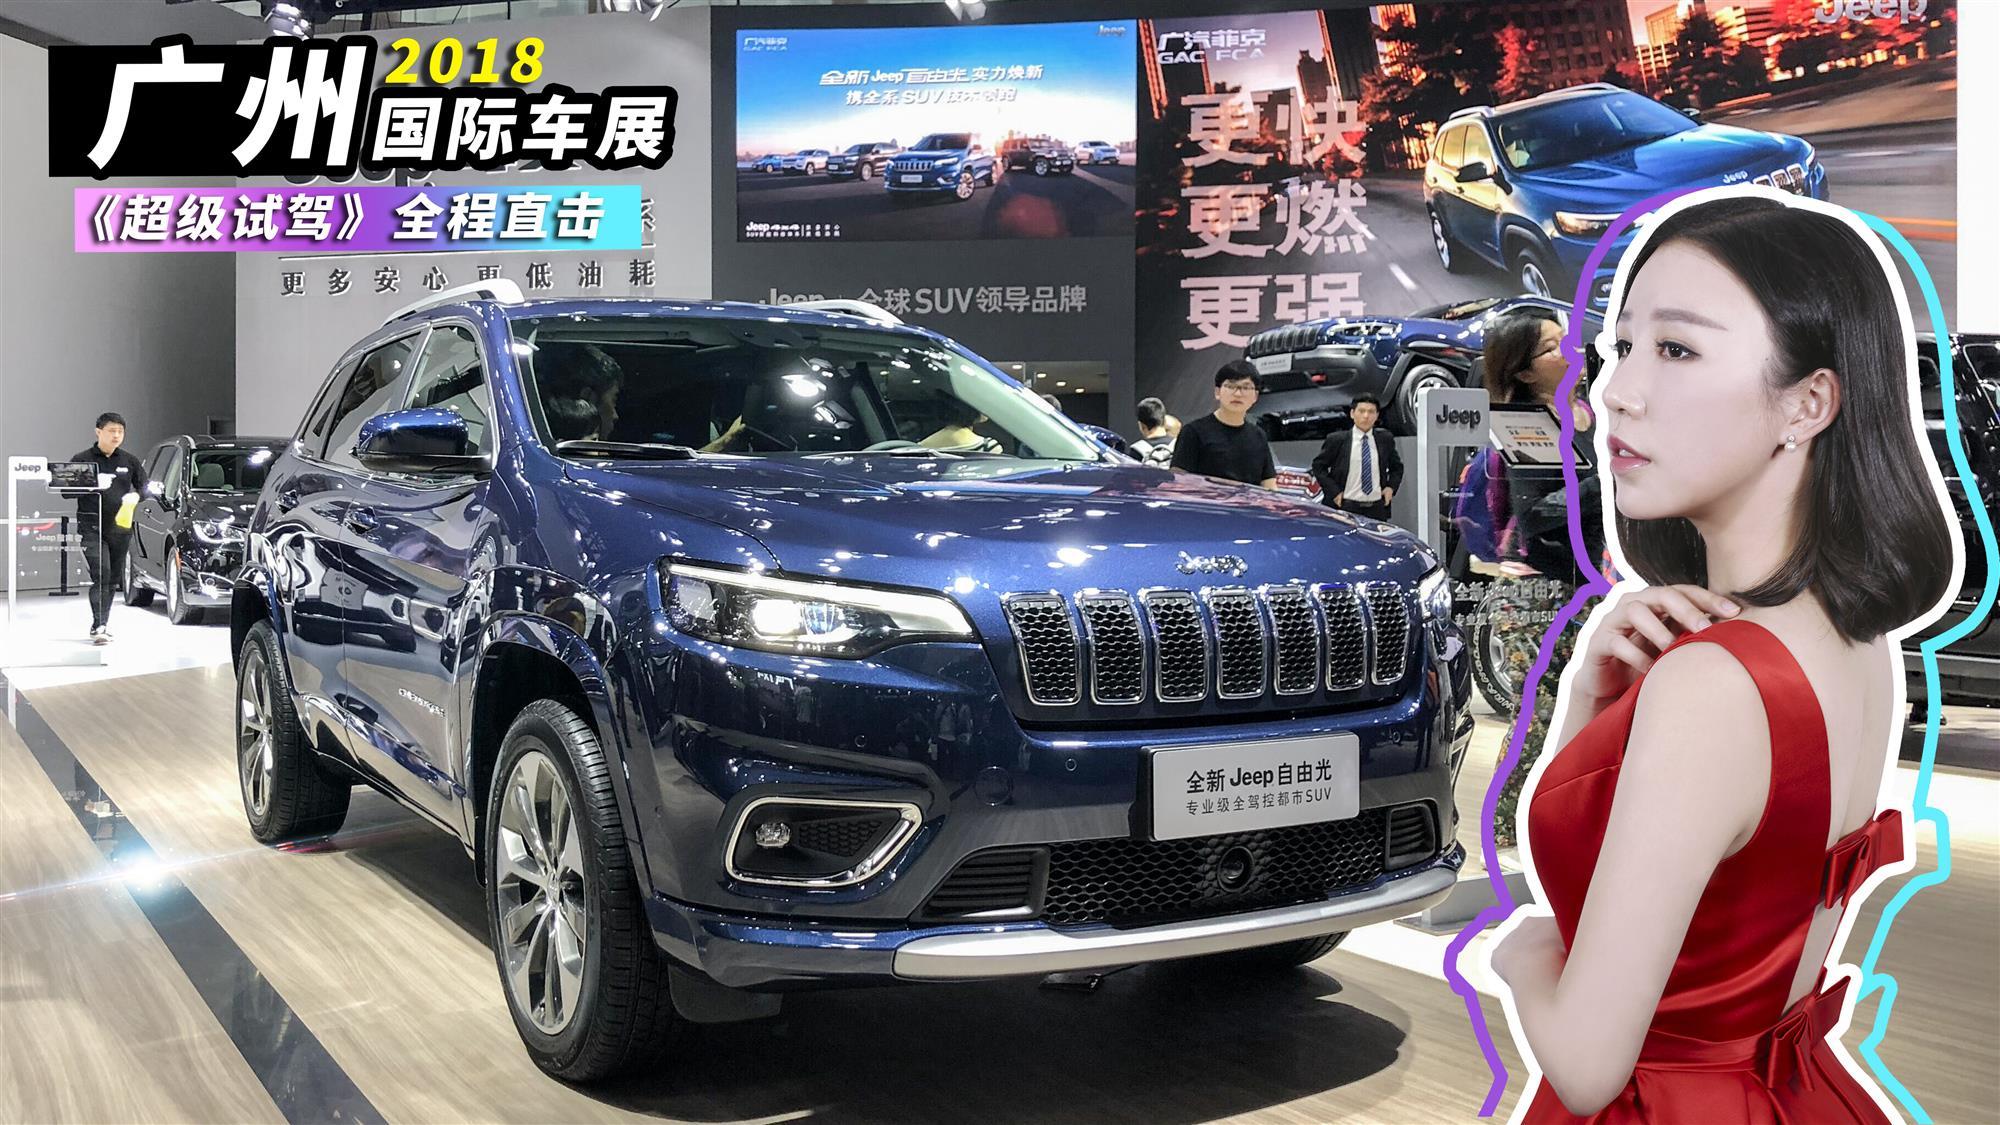 强者之争 新款Jeep自由光PK别克昂科威